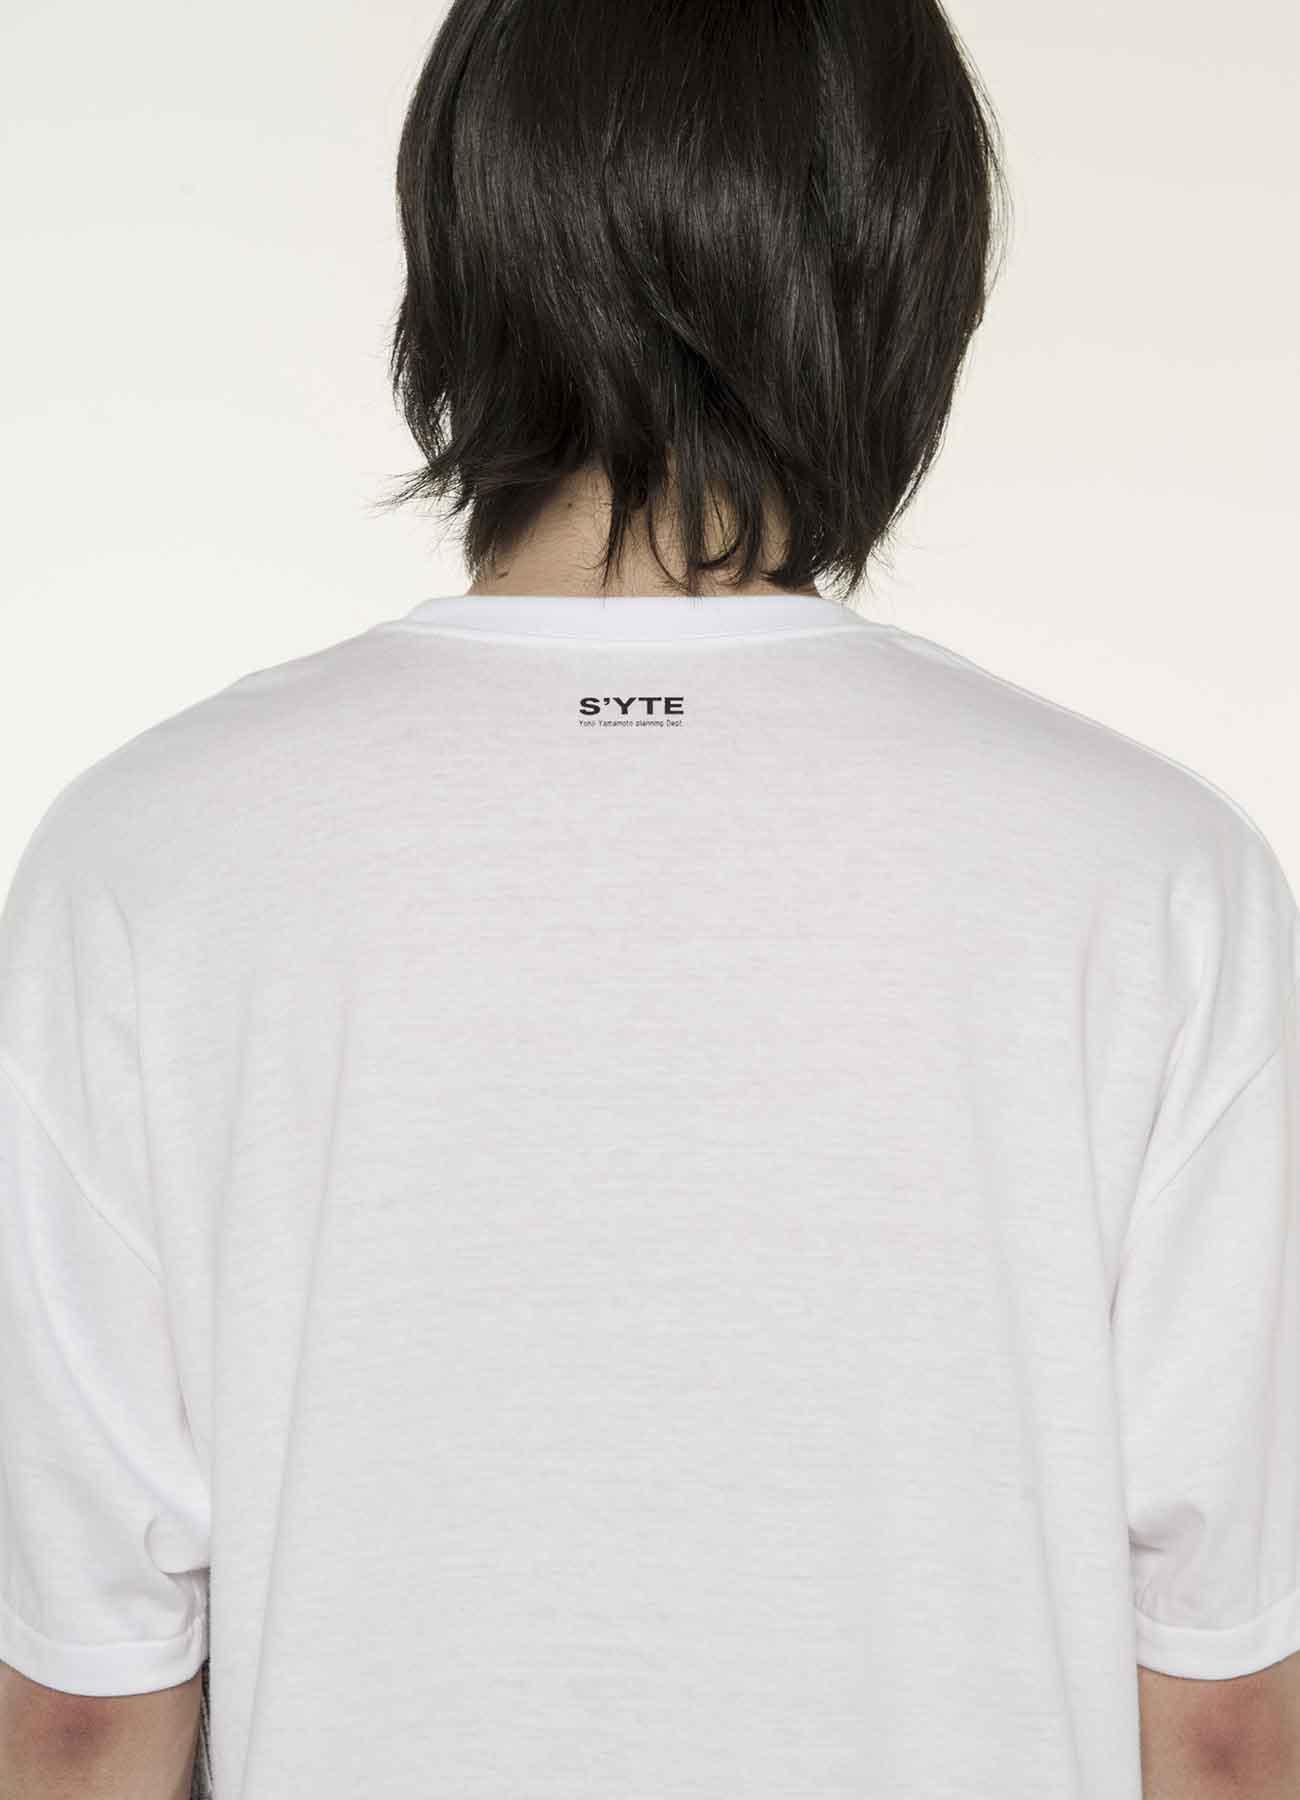 20 / 纯棉针织 22世纪甜心美人鱼T恤